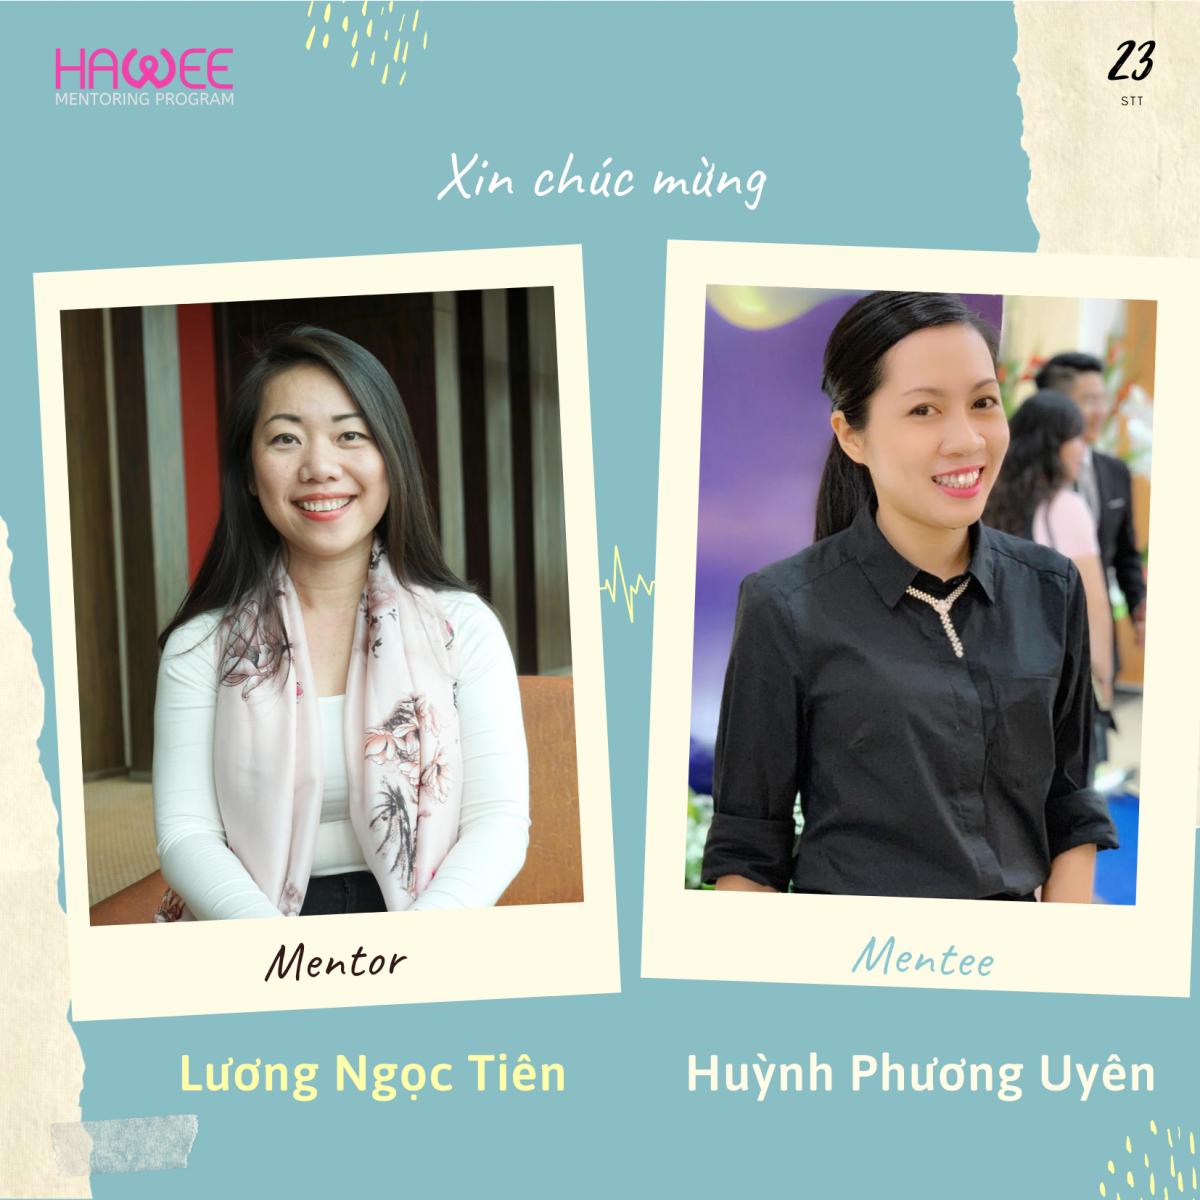 STT 23. Mentor Lương Ngọc Tiên & Mentee Huỳnh Phương Uyên